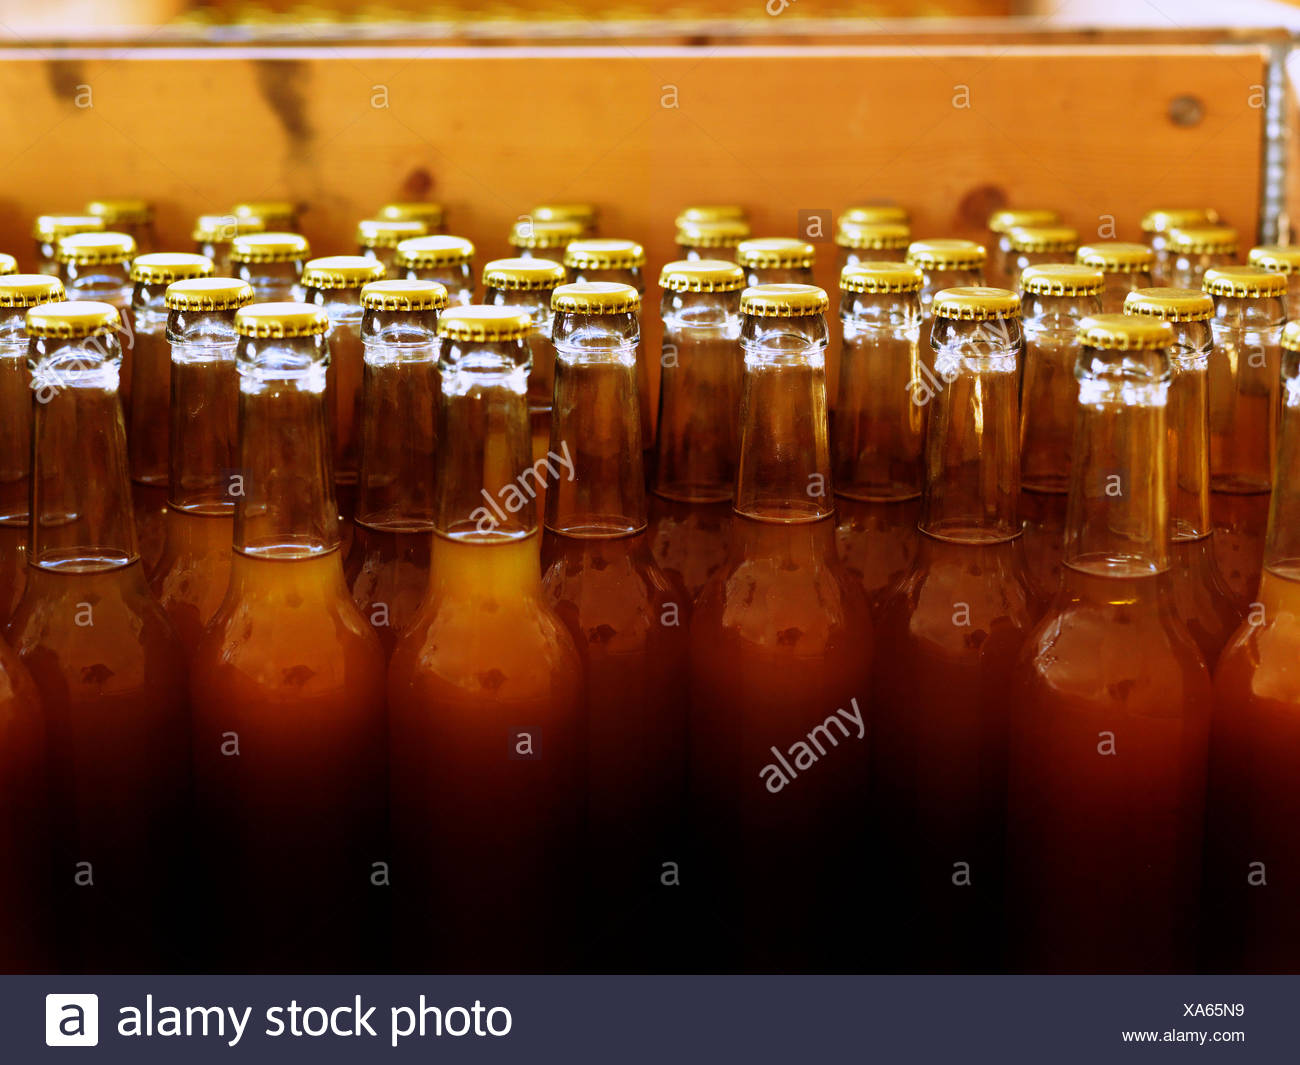 Suecia, sin etiquetar botellas con tapas cerradas y llenas de líquido marrón claro Imagen De Stock